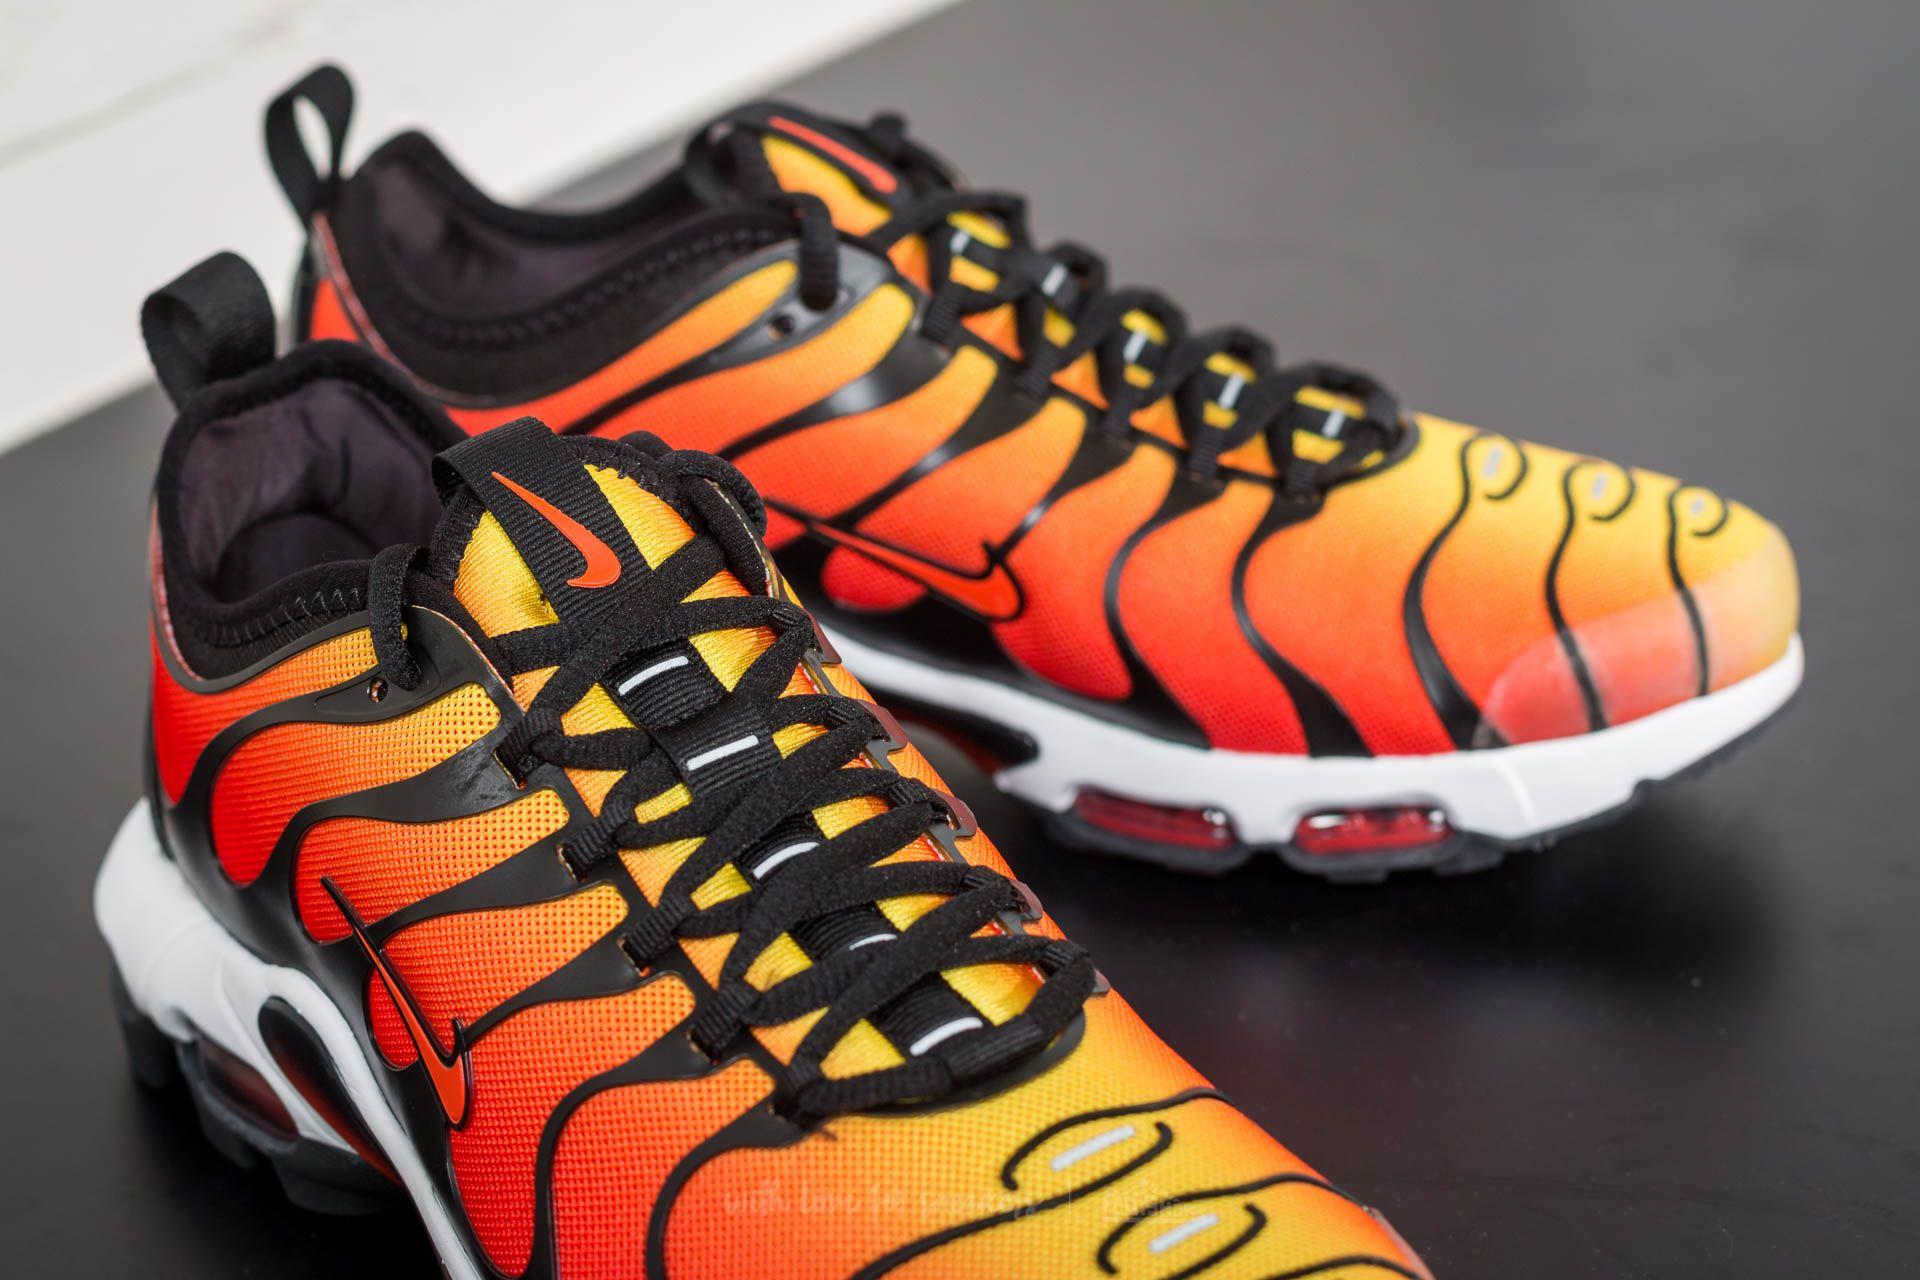 Nike Air Max Plus Team Orange Team Red